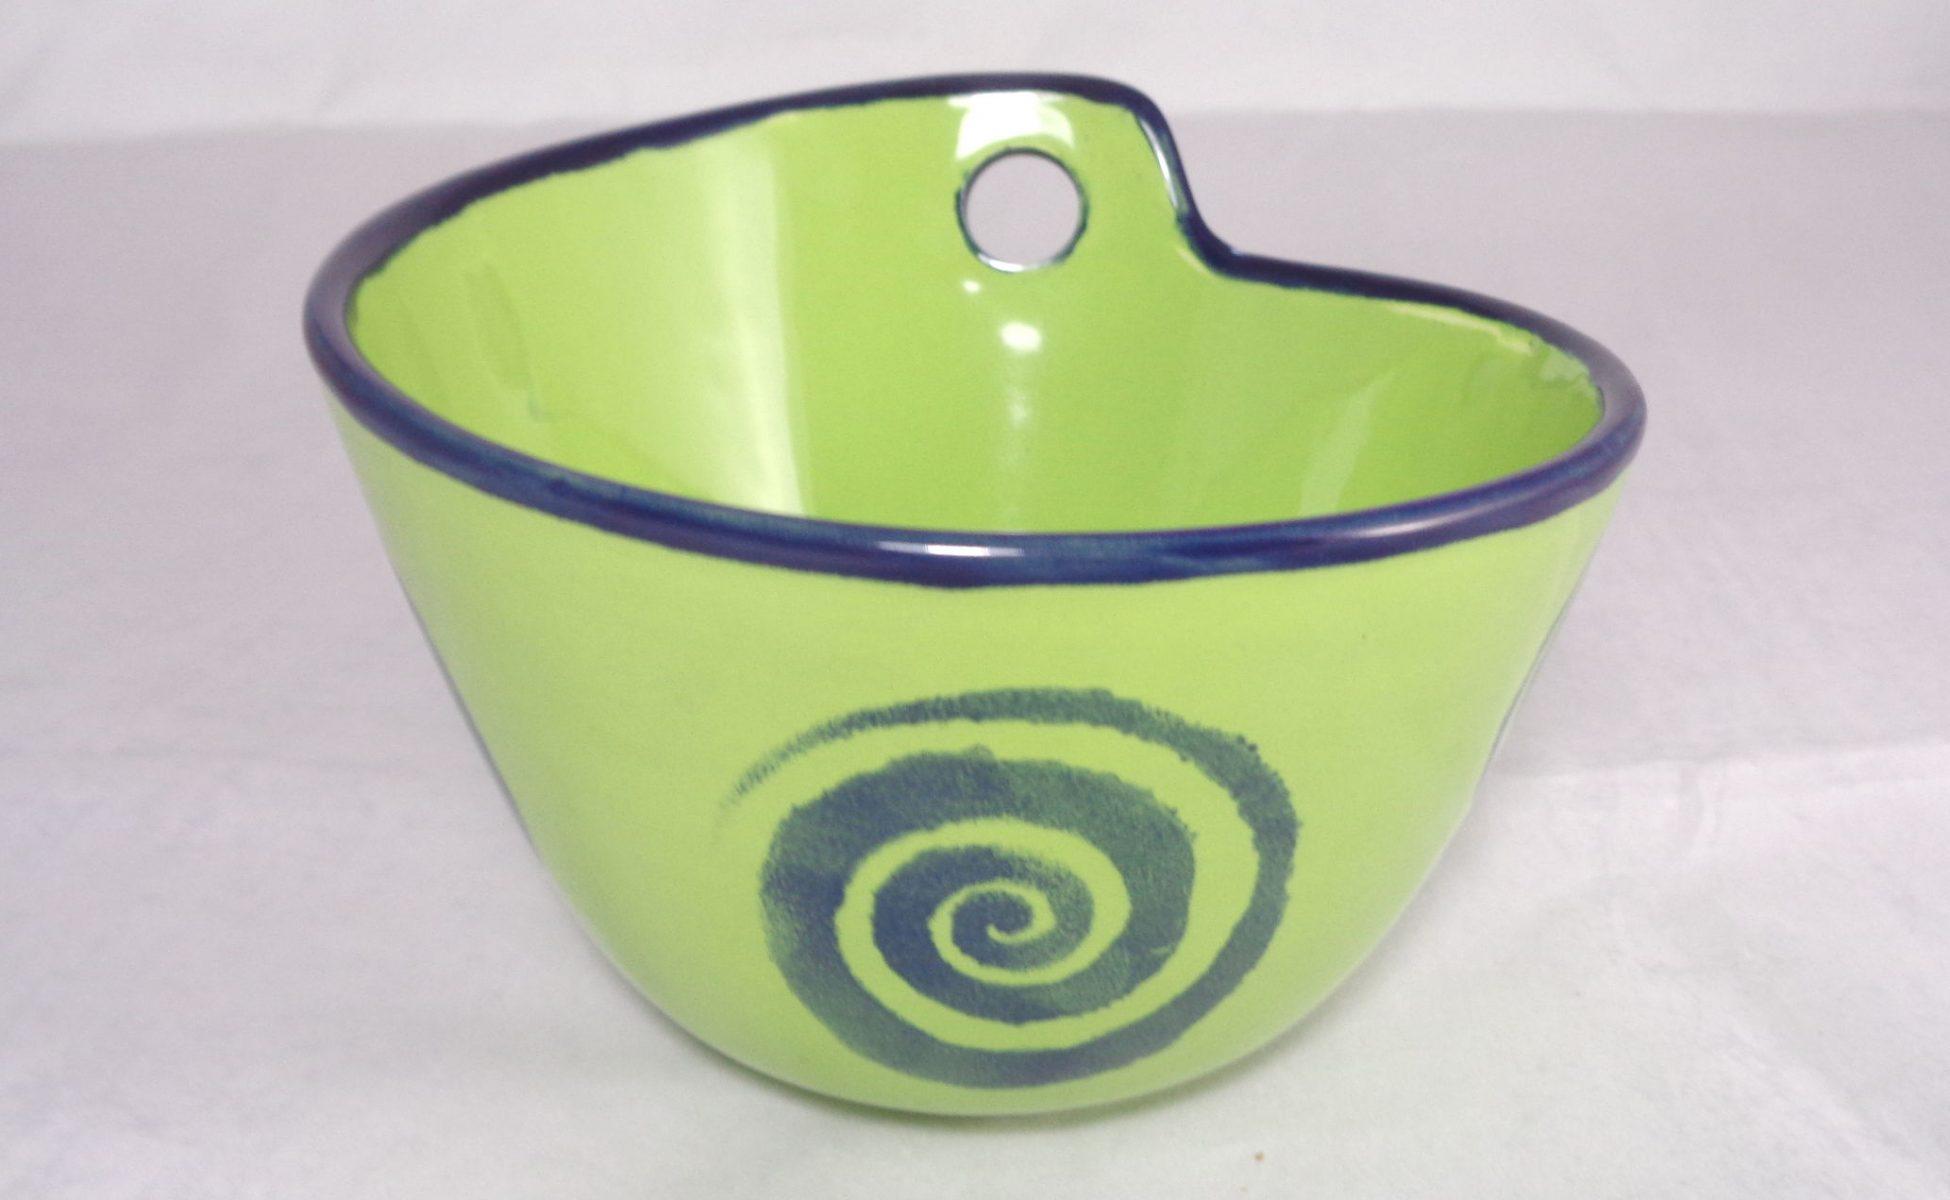 Bemalte Keramik Wok-Schale green